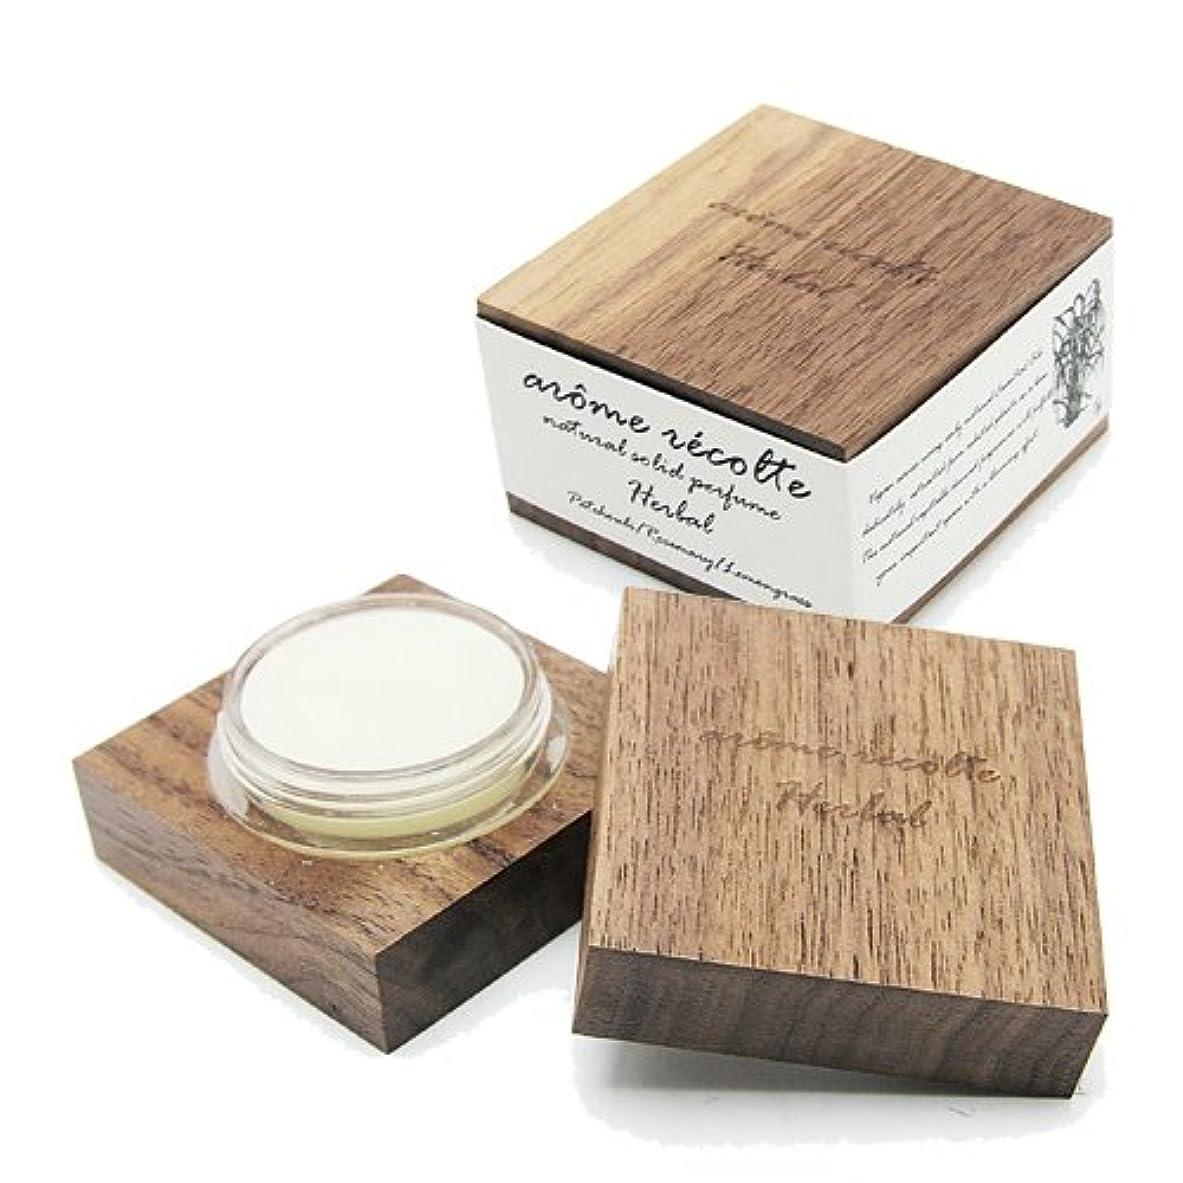 回転させる社説チャレンジアロマレコルト ナチュラル ソリッドパフューム ハーバル Herbal arome recolte 練り香水